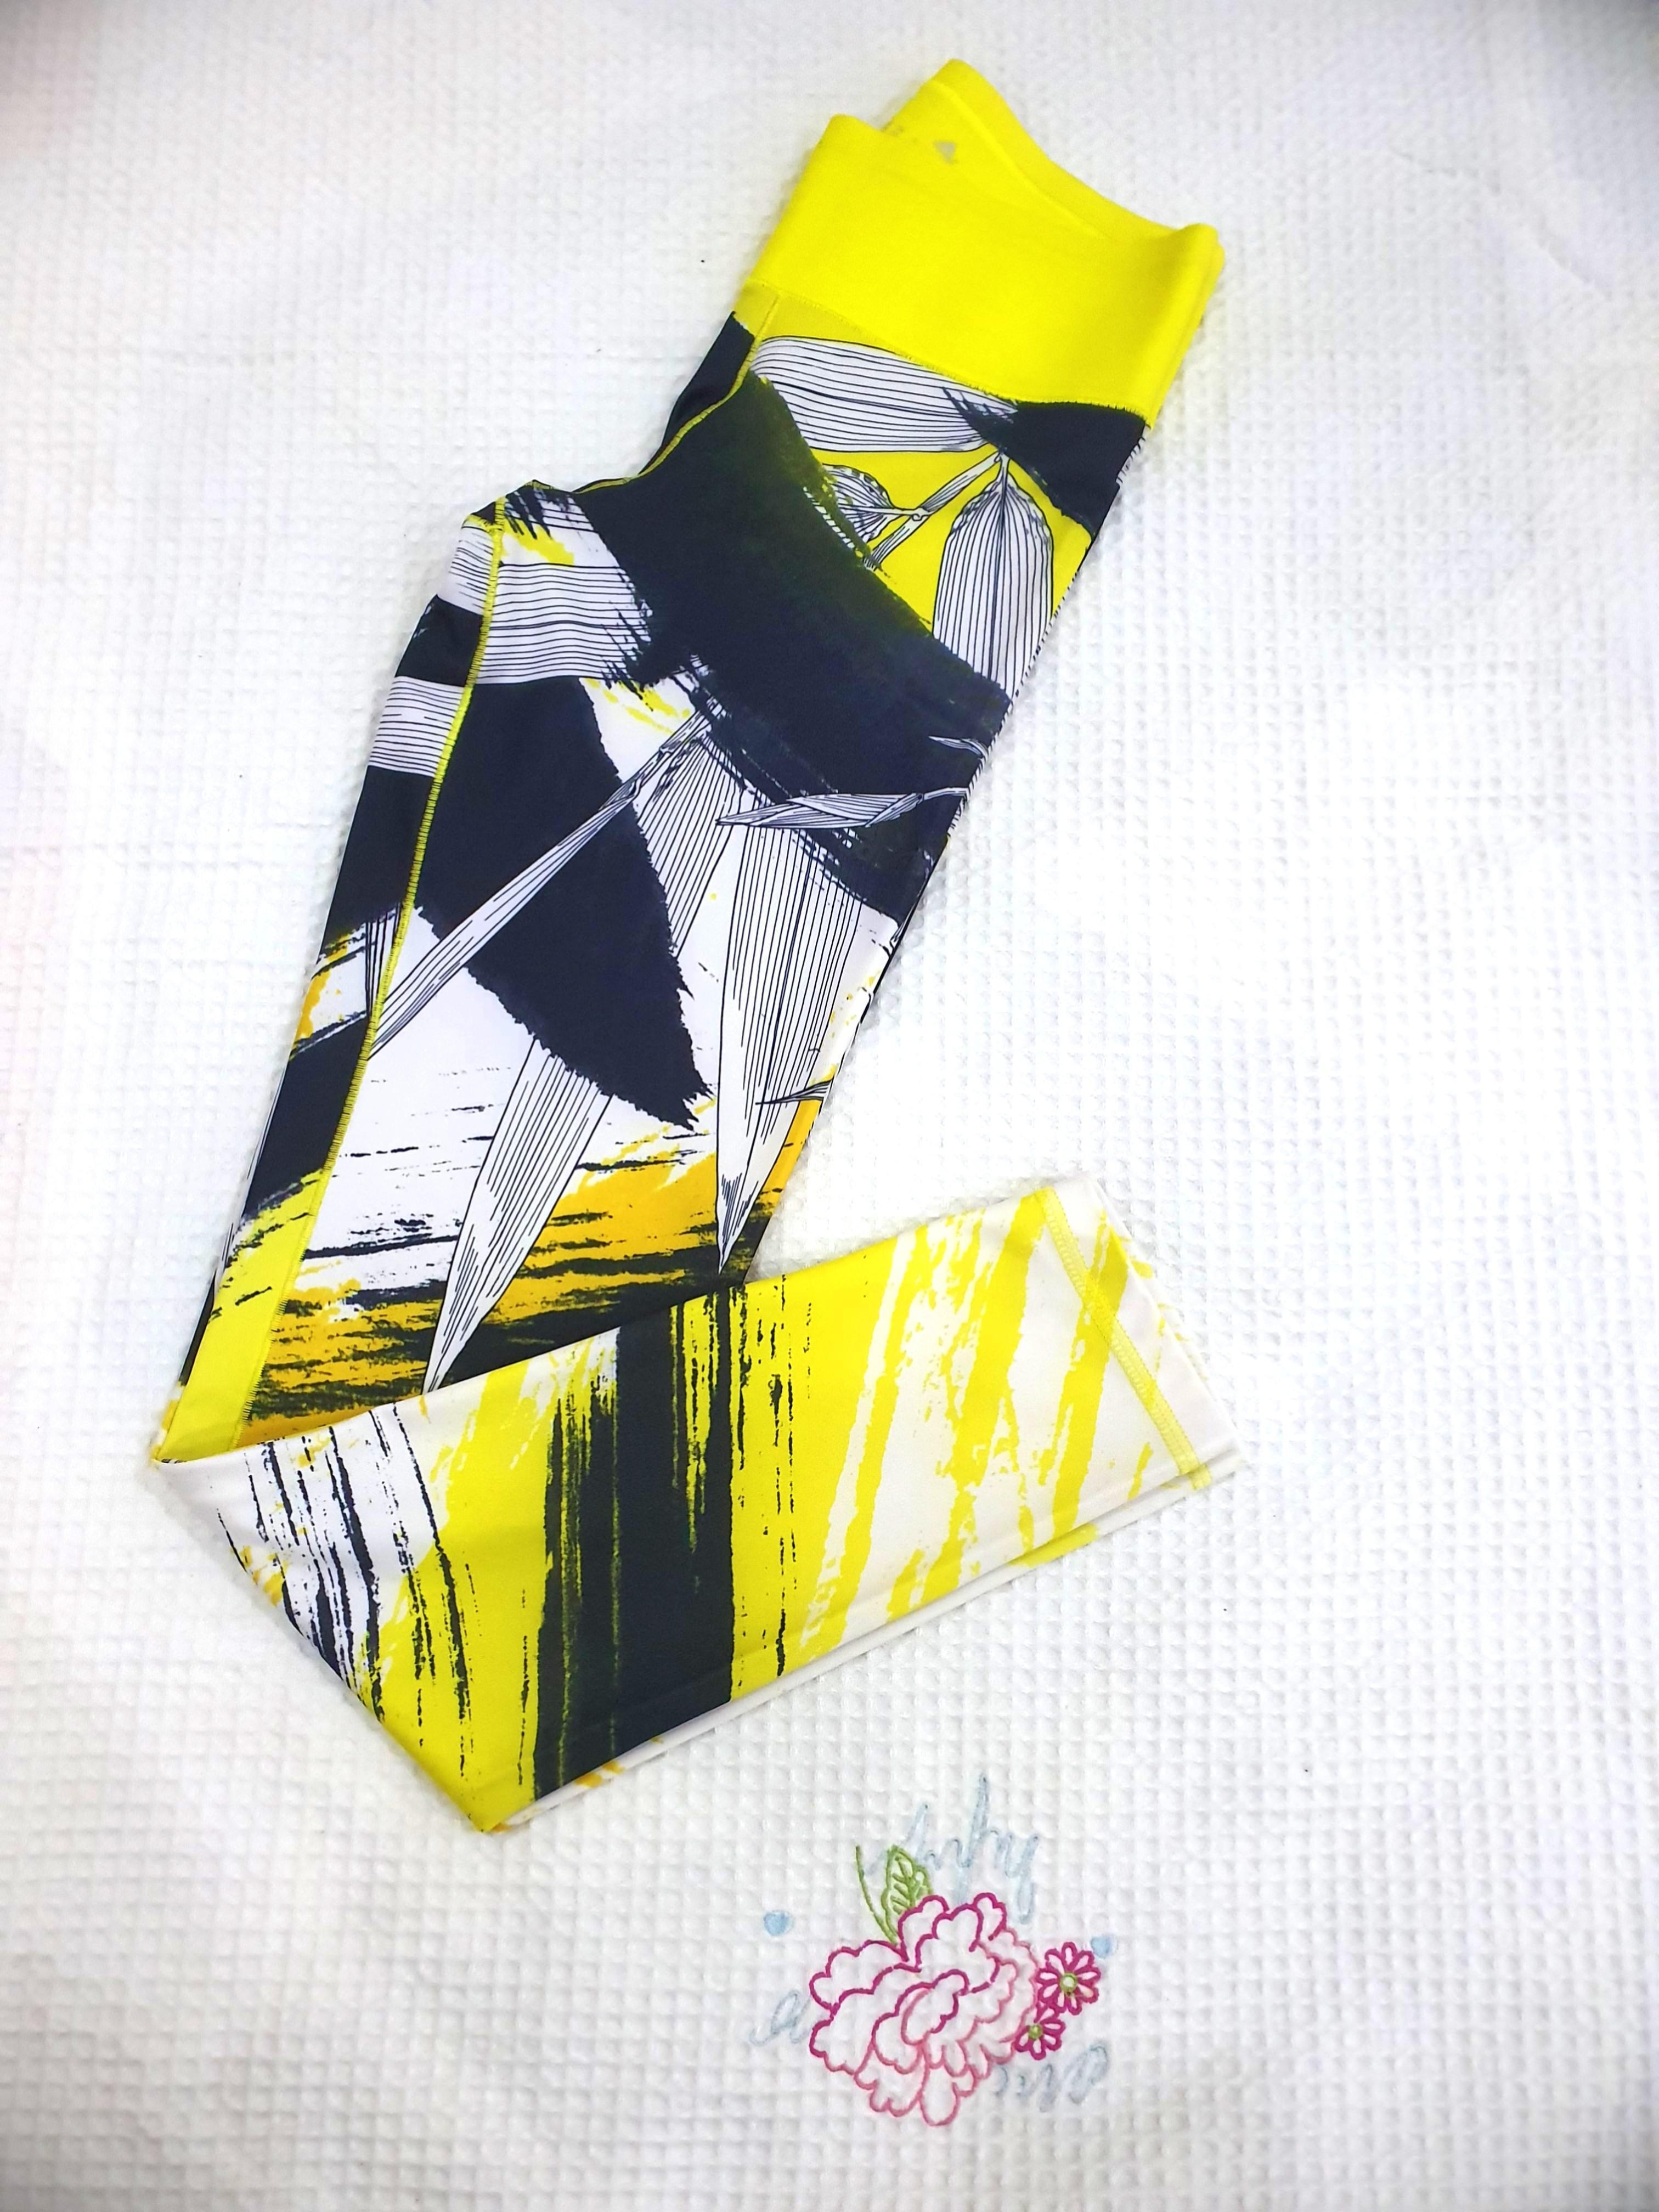 Adidas®️ Climalite Stylish Yellow Sports Pants XS